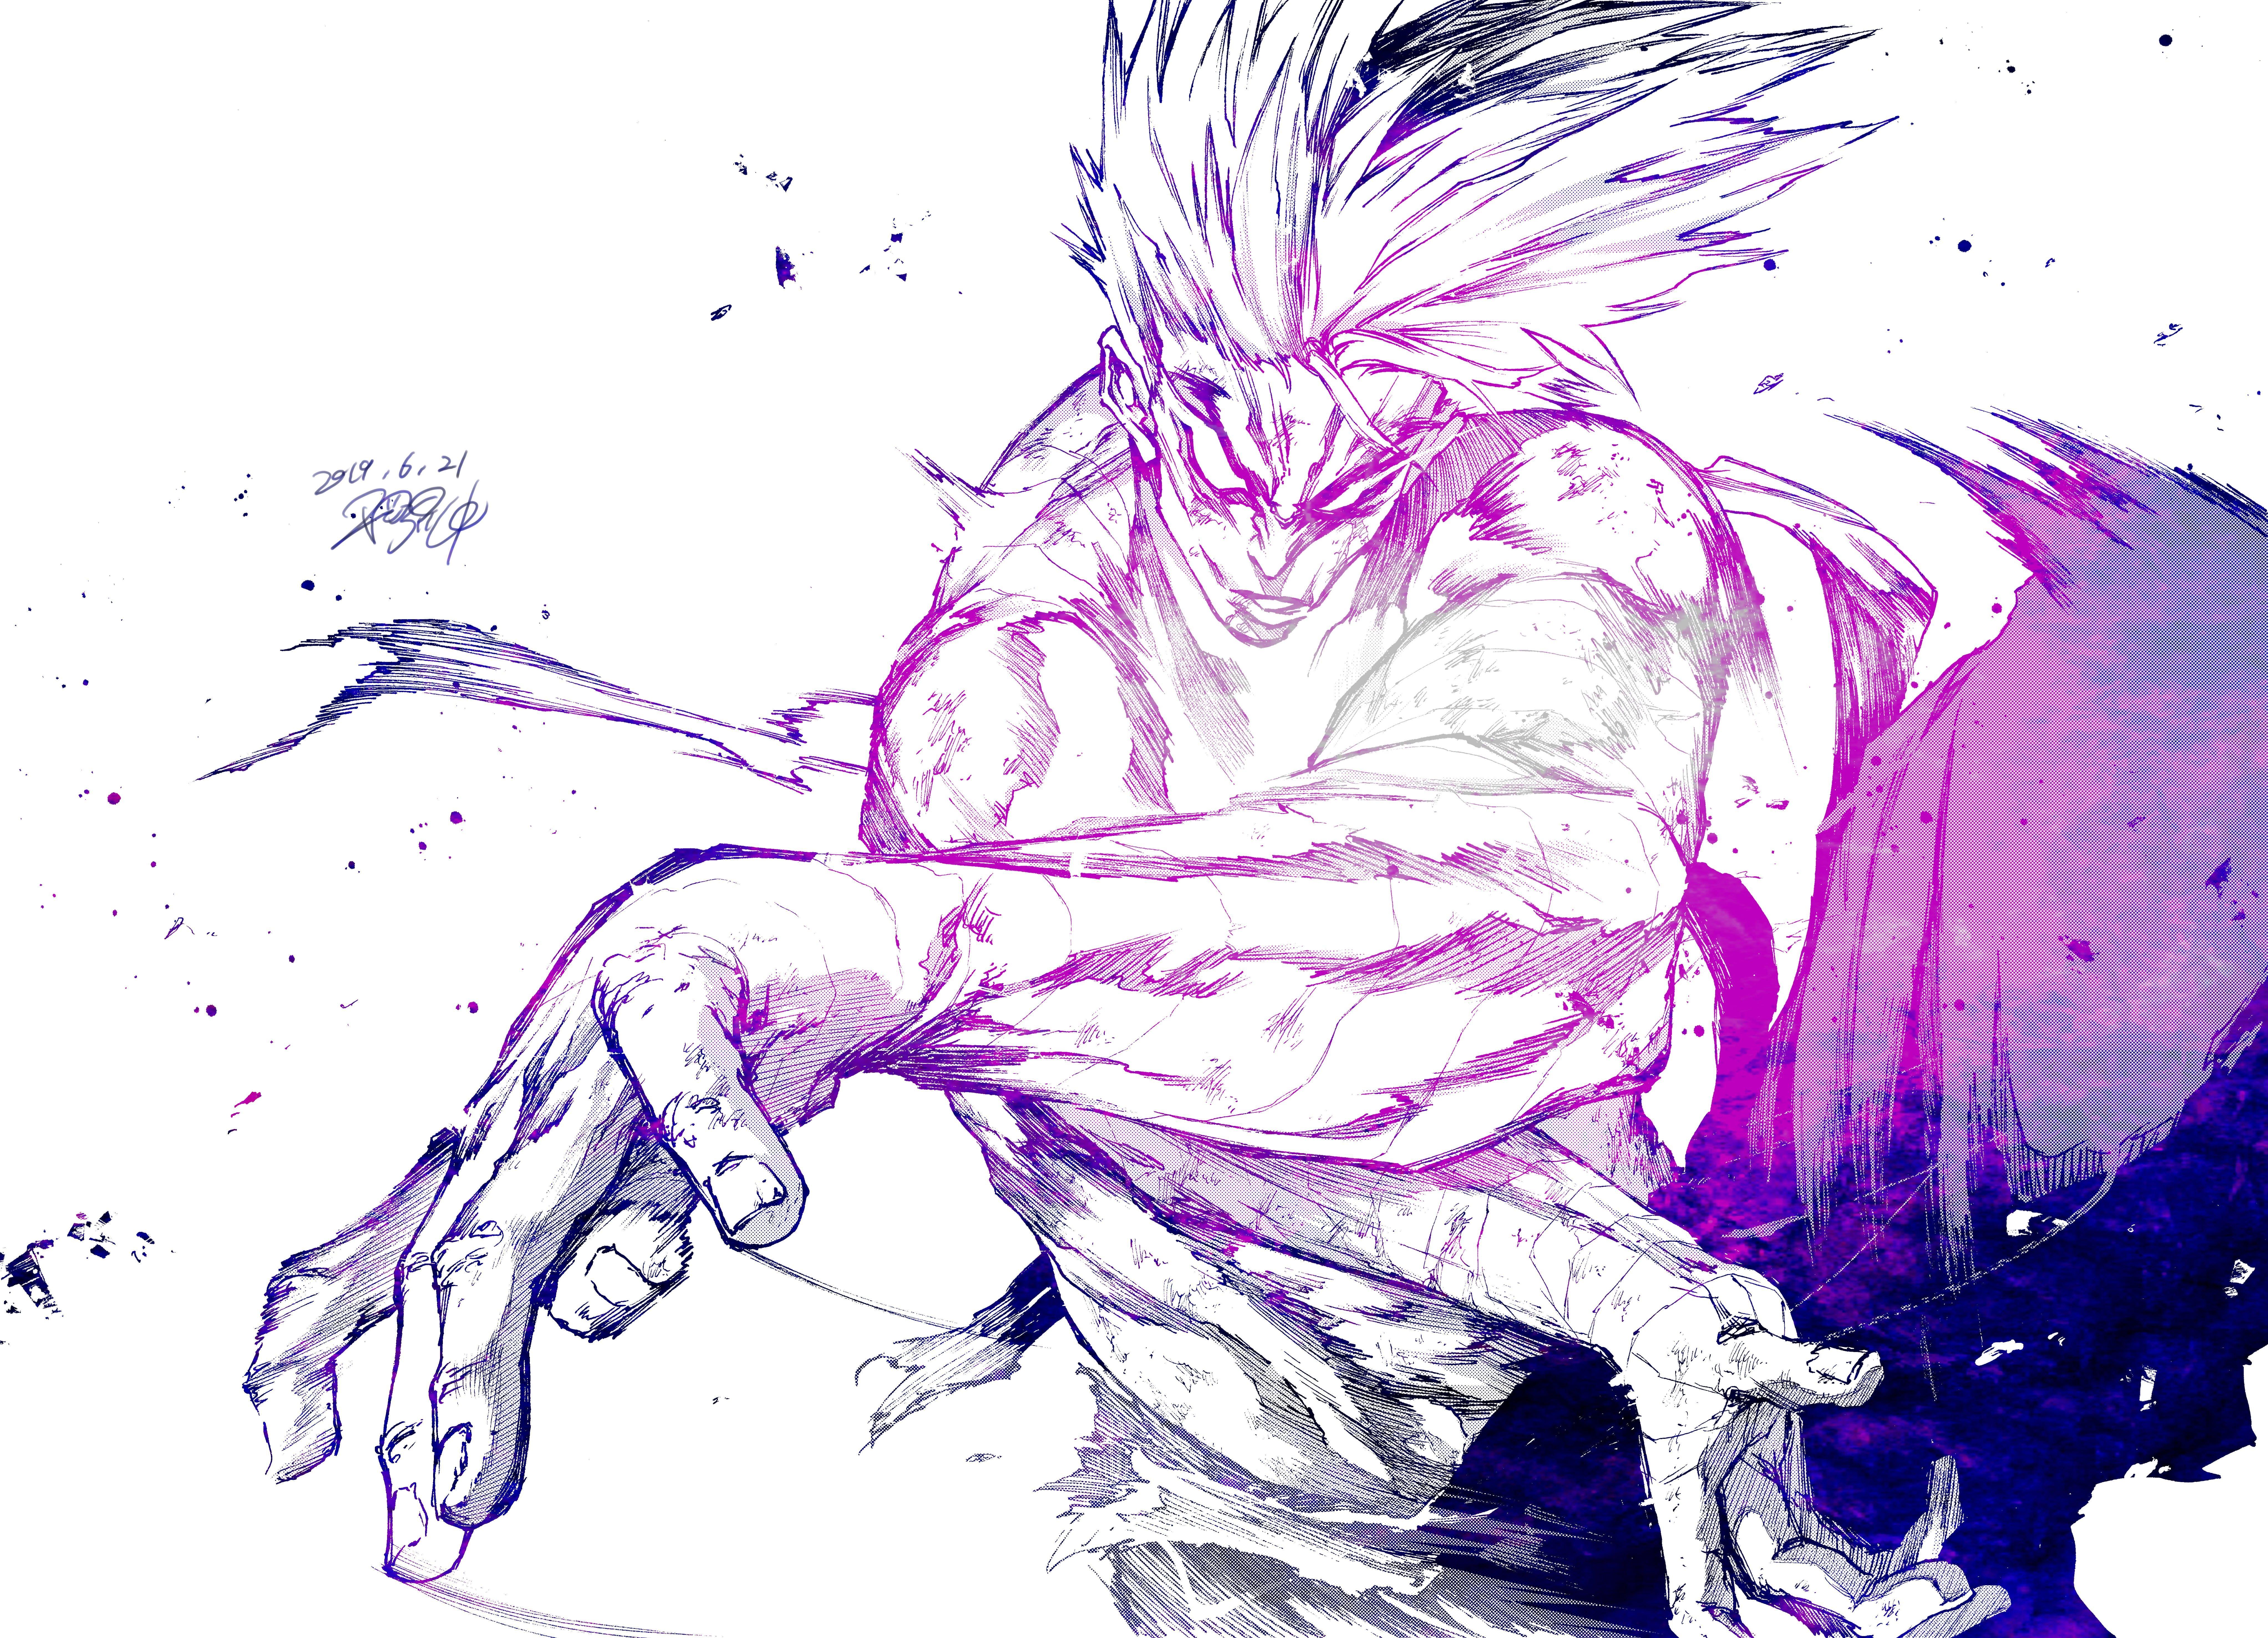 Anime One Punch Man Garou One Punch Man 8k Wallpaper Hdwallpaper Desktop One Punch Man One Punch Man Anime One Punch Garou one punch man wallpaper